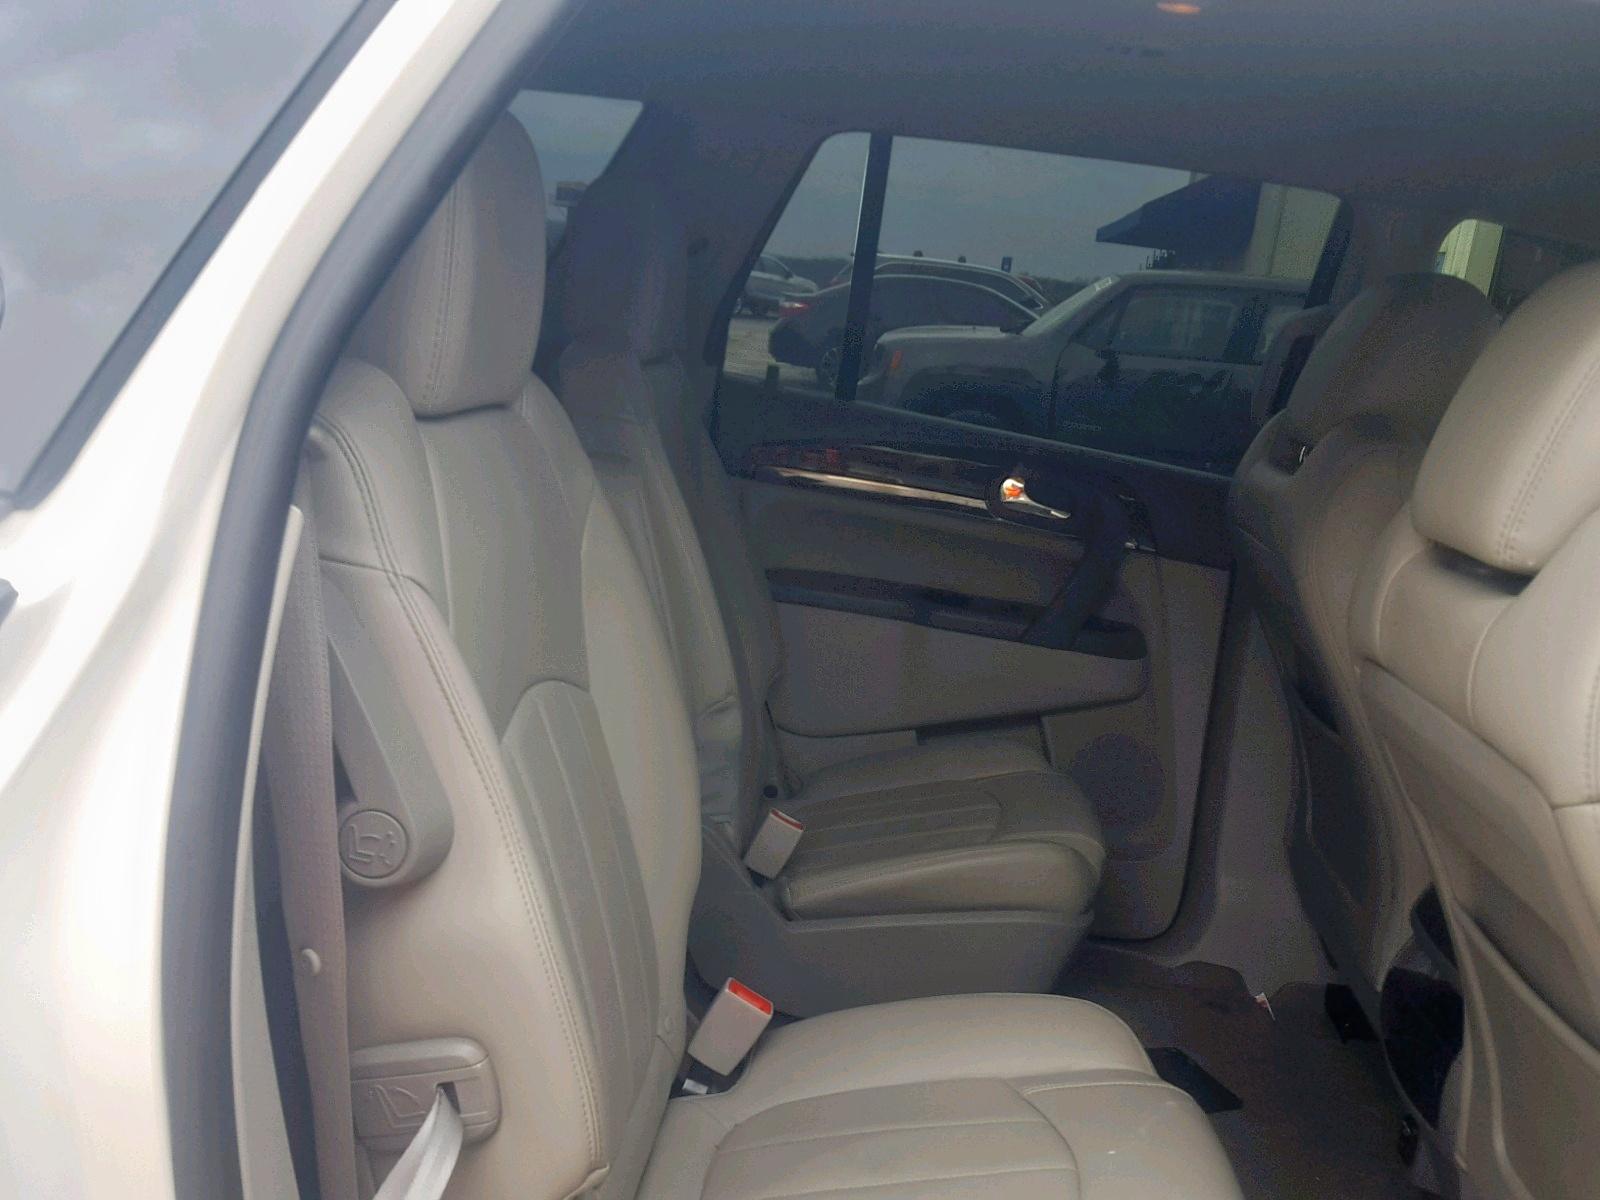 5GAKRBKD2FJ121885 - 2015 Buick Enclave 3.6L detail view